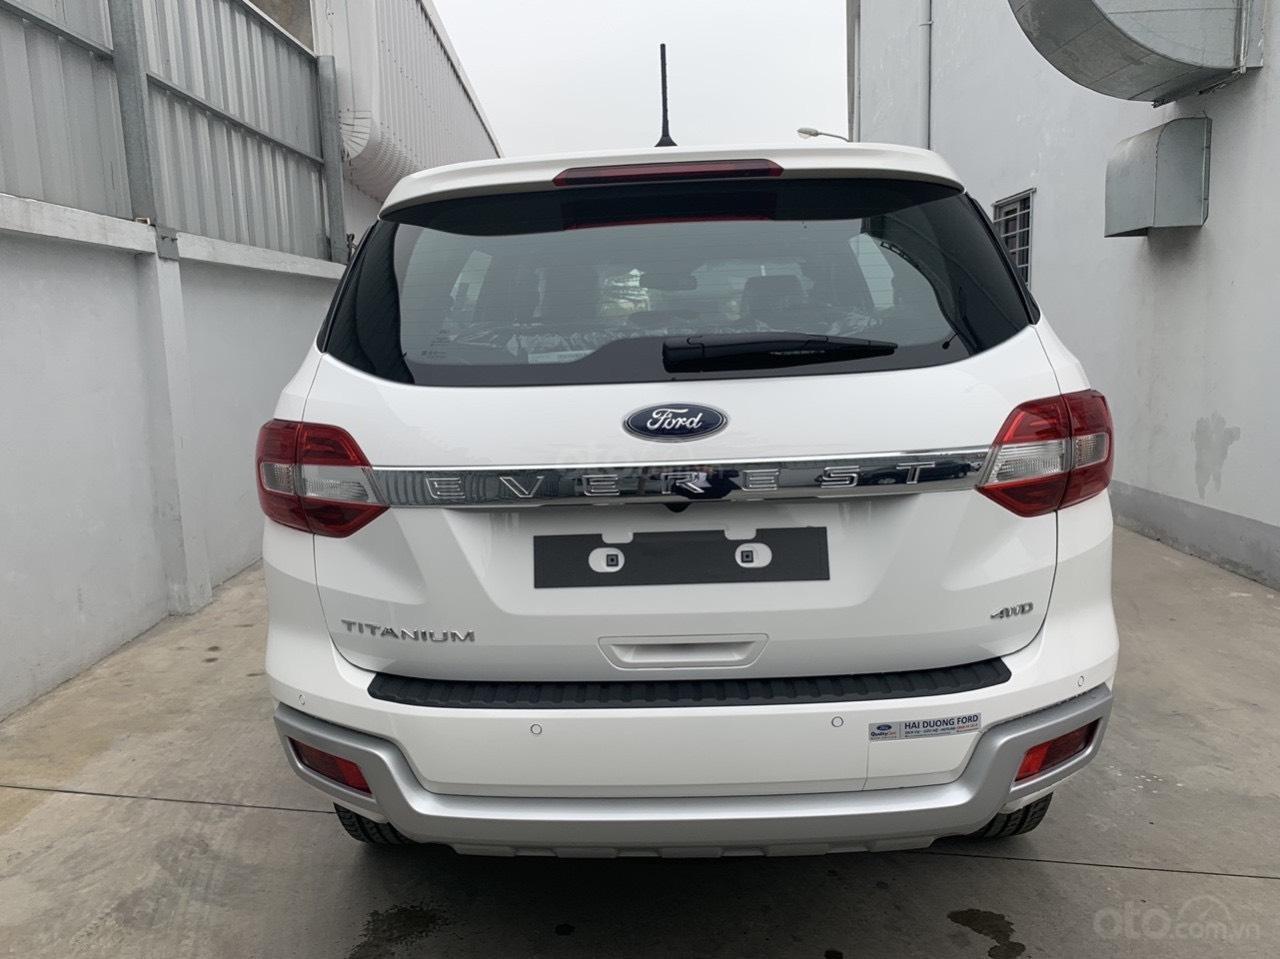 Ford Everst Biturbo 2.0 siêu KM giảm giá tới 100 triệu, khuyến mãi cực khủng (2)